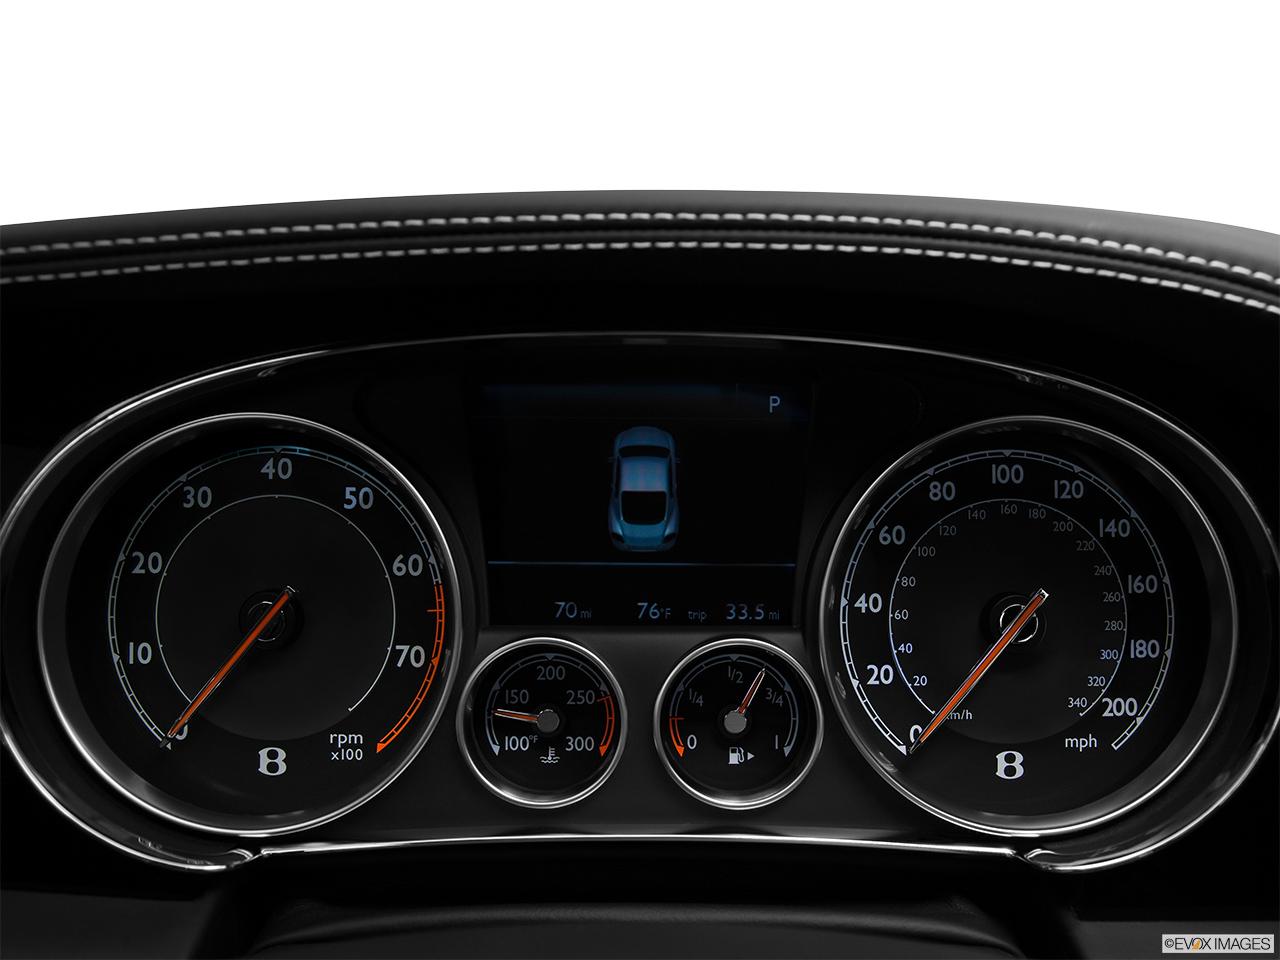 2014 Bentley Continental Gt Coupe Speedometer Tachometer